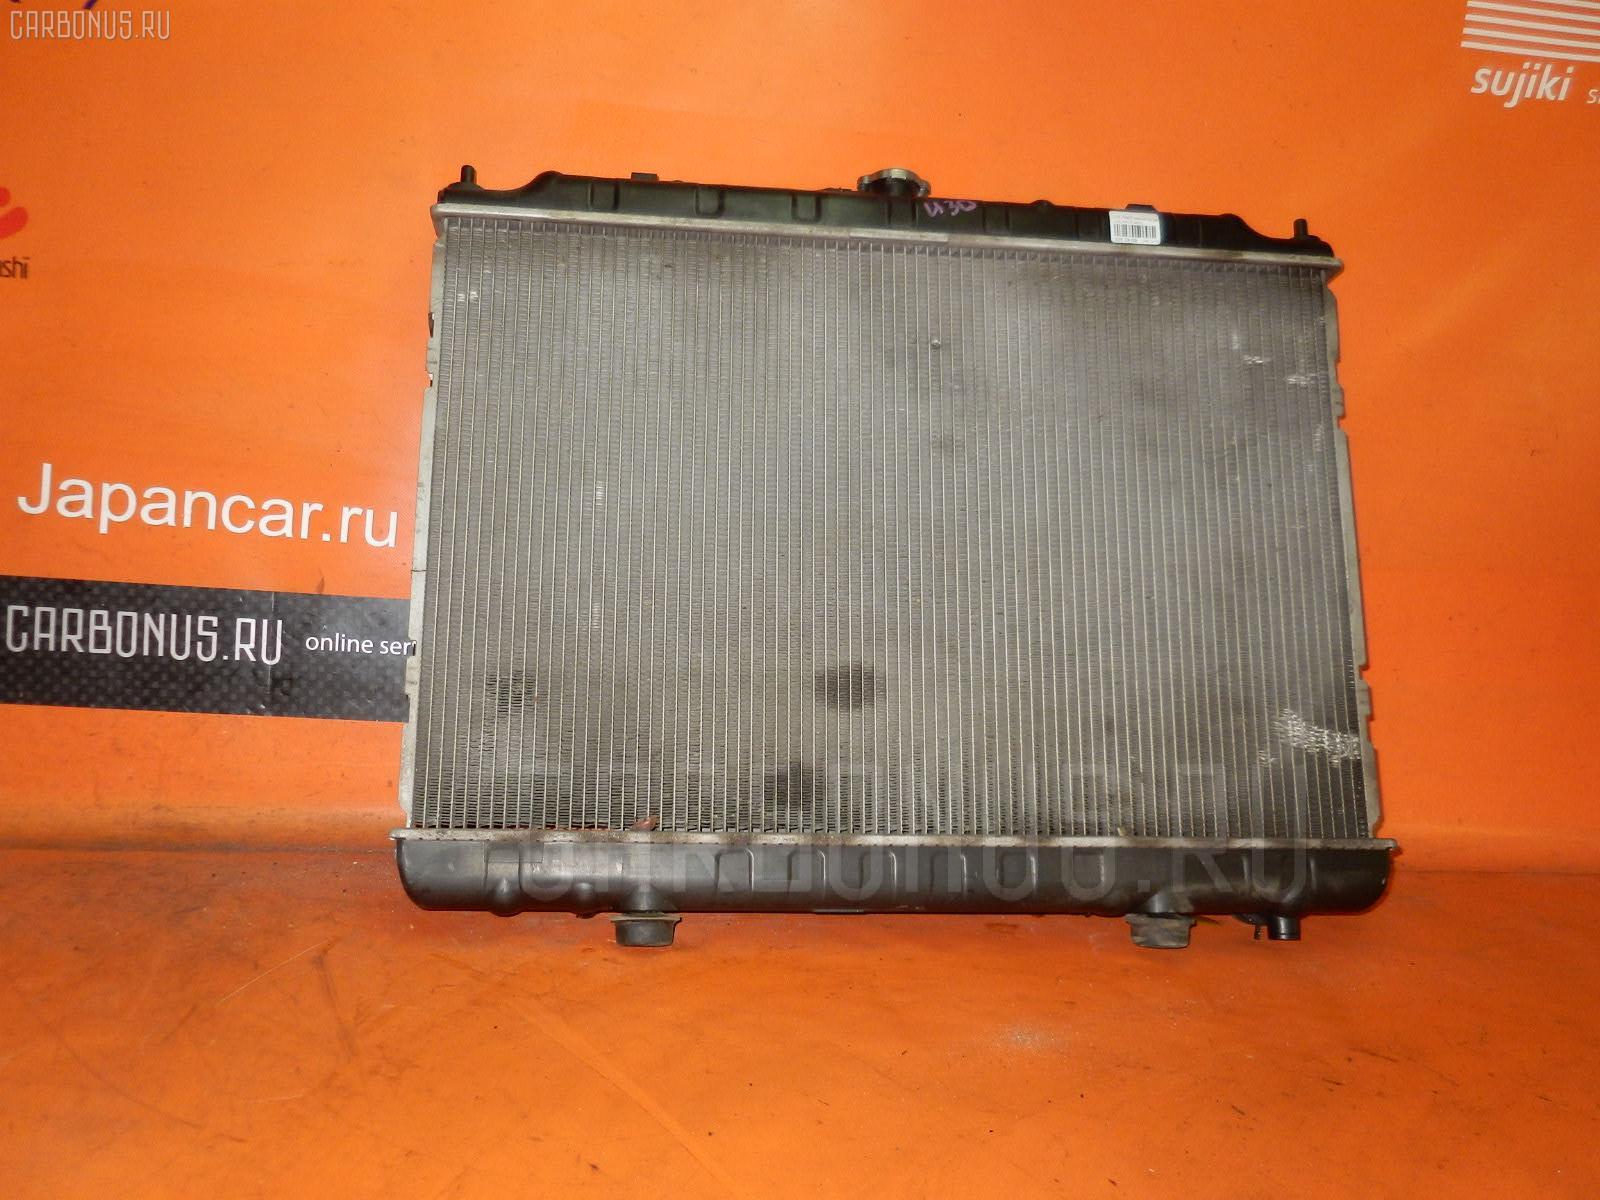 Радиатор ДВС NISSAN PRESAGE U30 KA24DE Фото 2